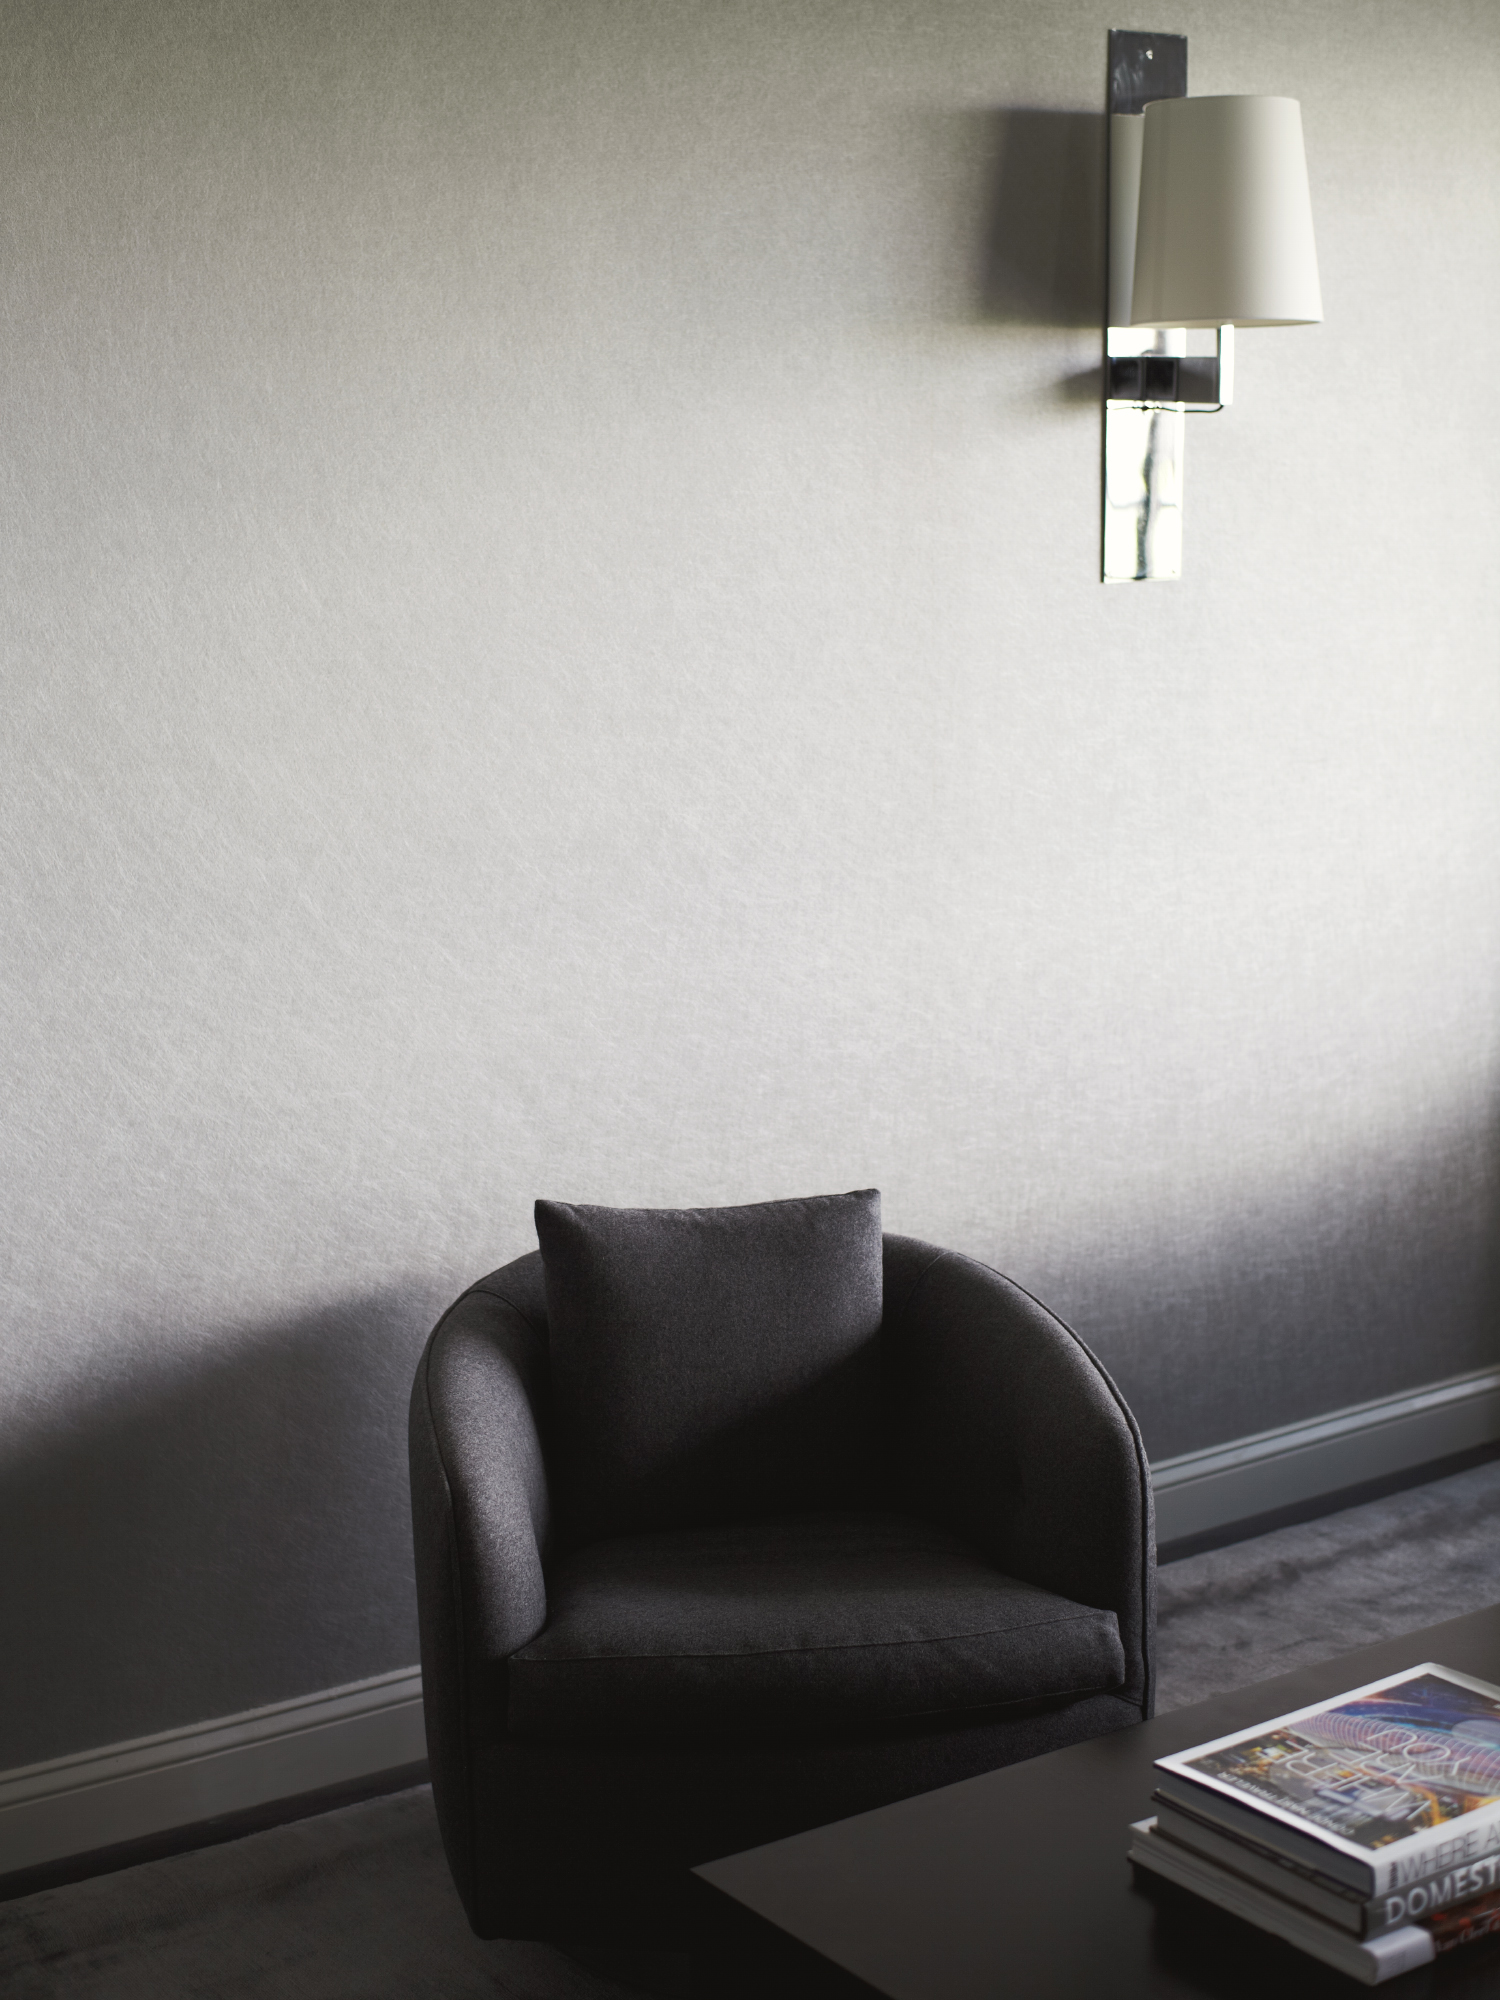 Chair_0556.jpg